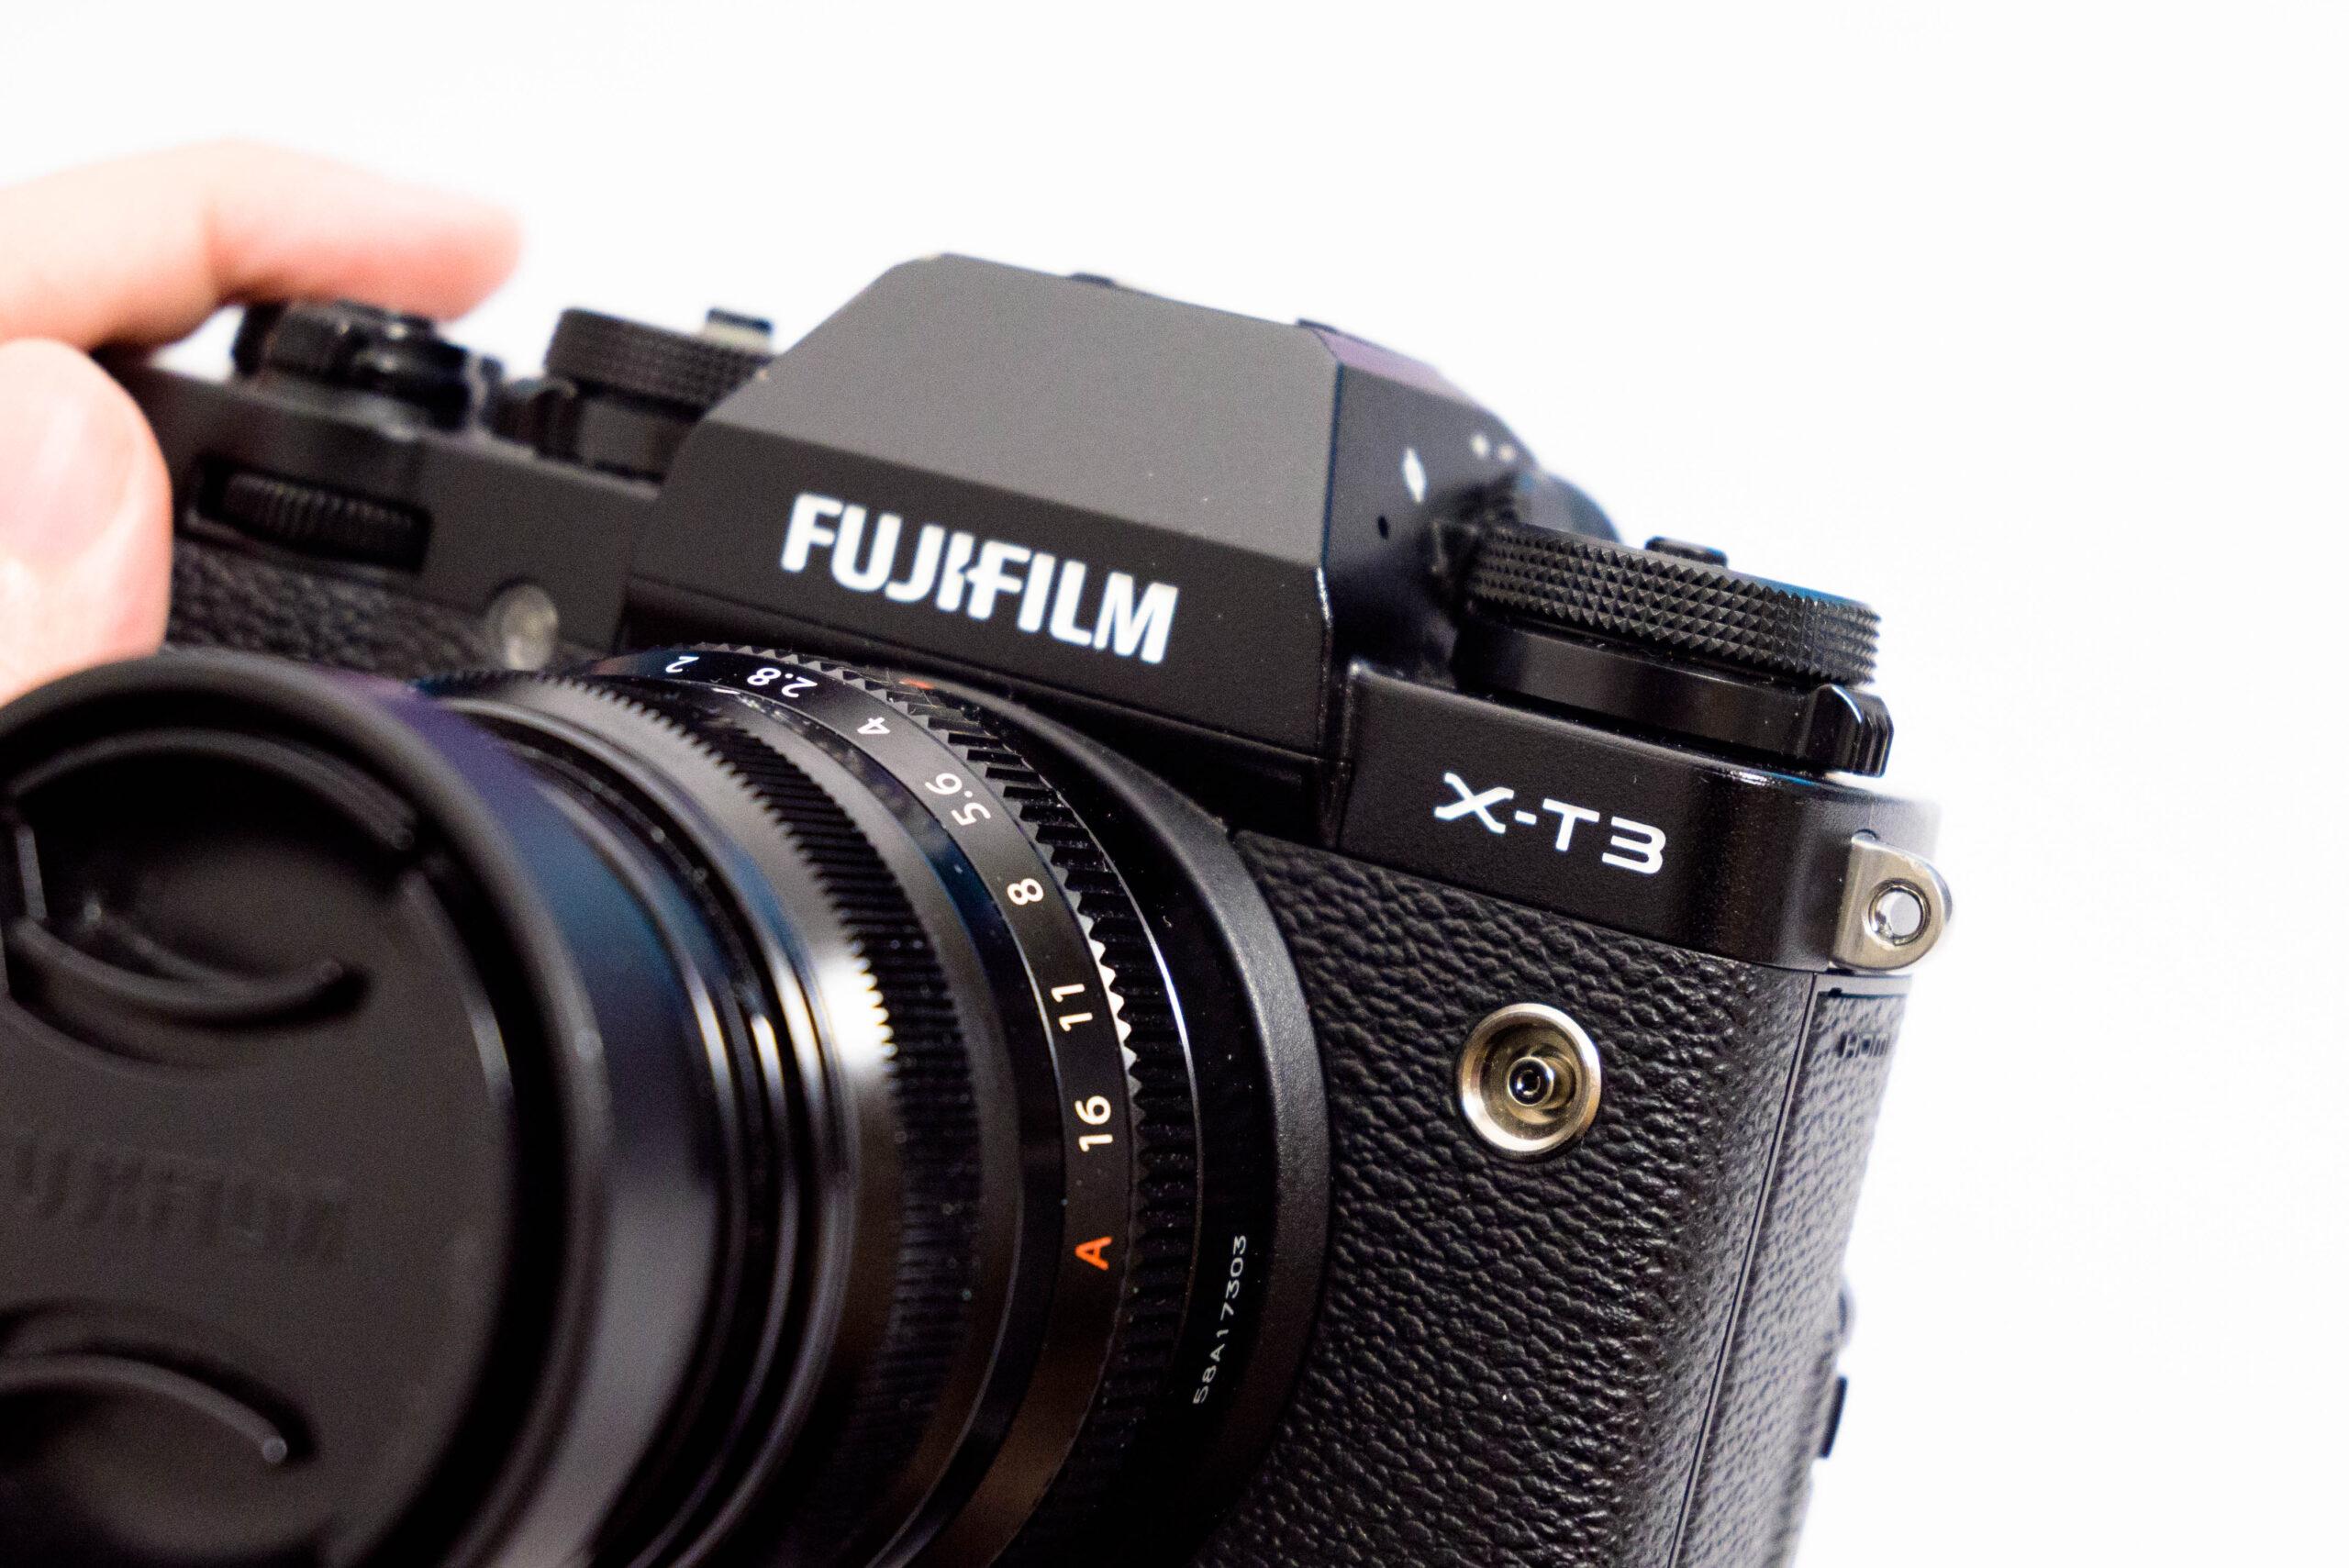 さよなら、FUJIFILM。ようこそ、Nikon。